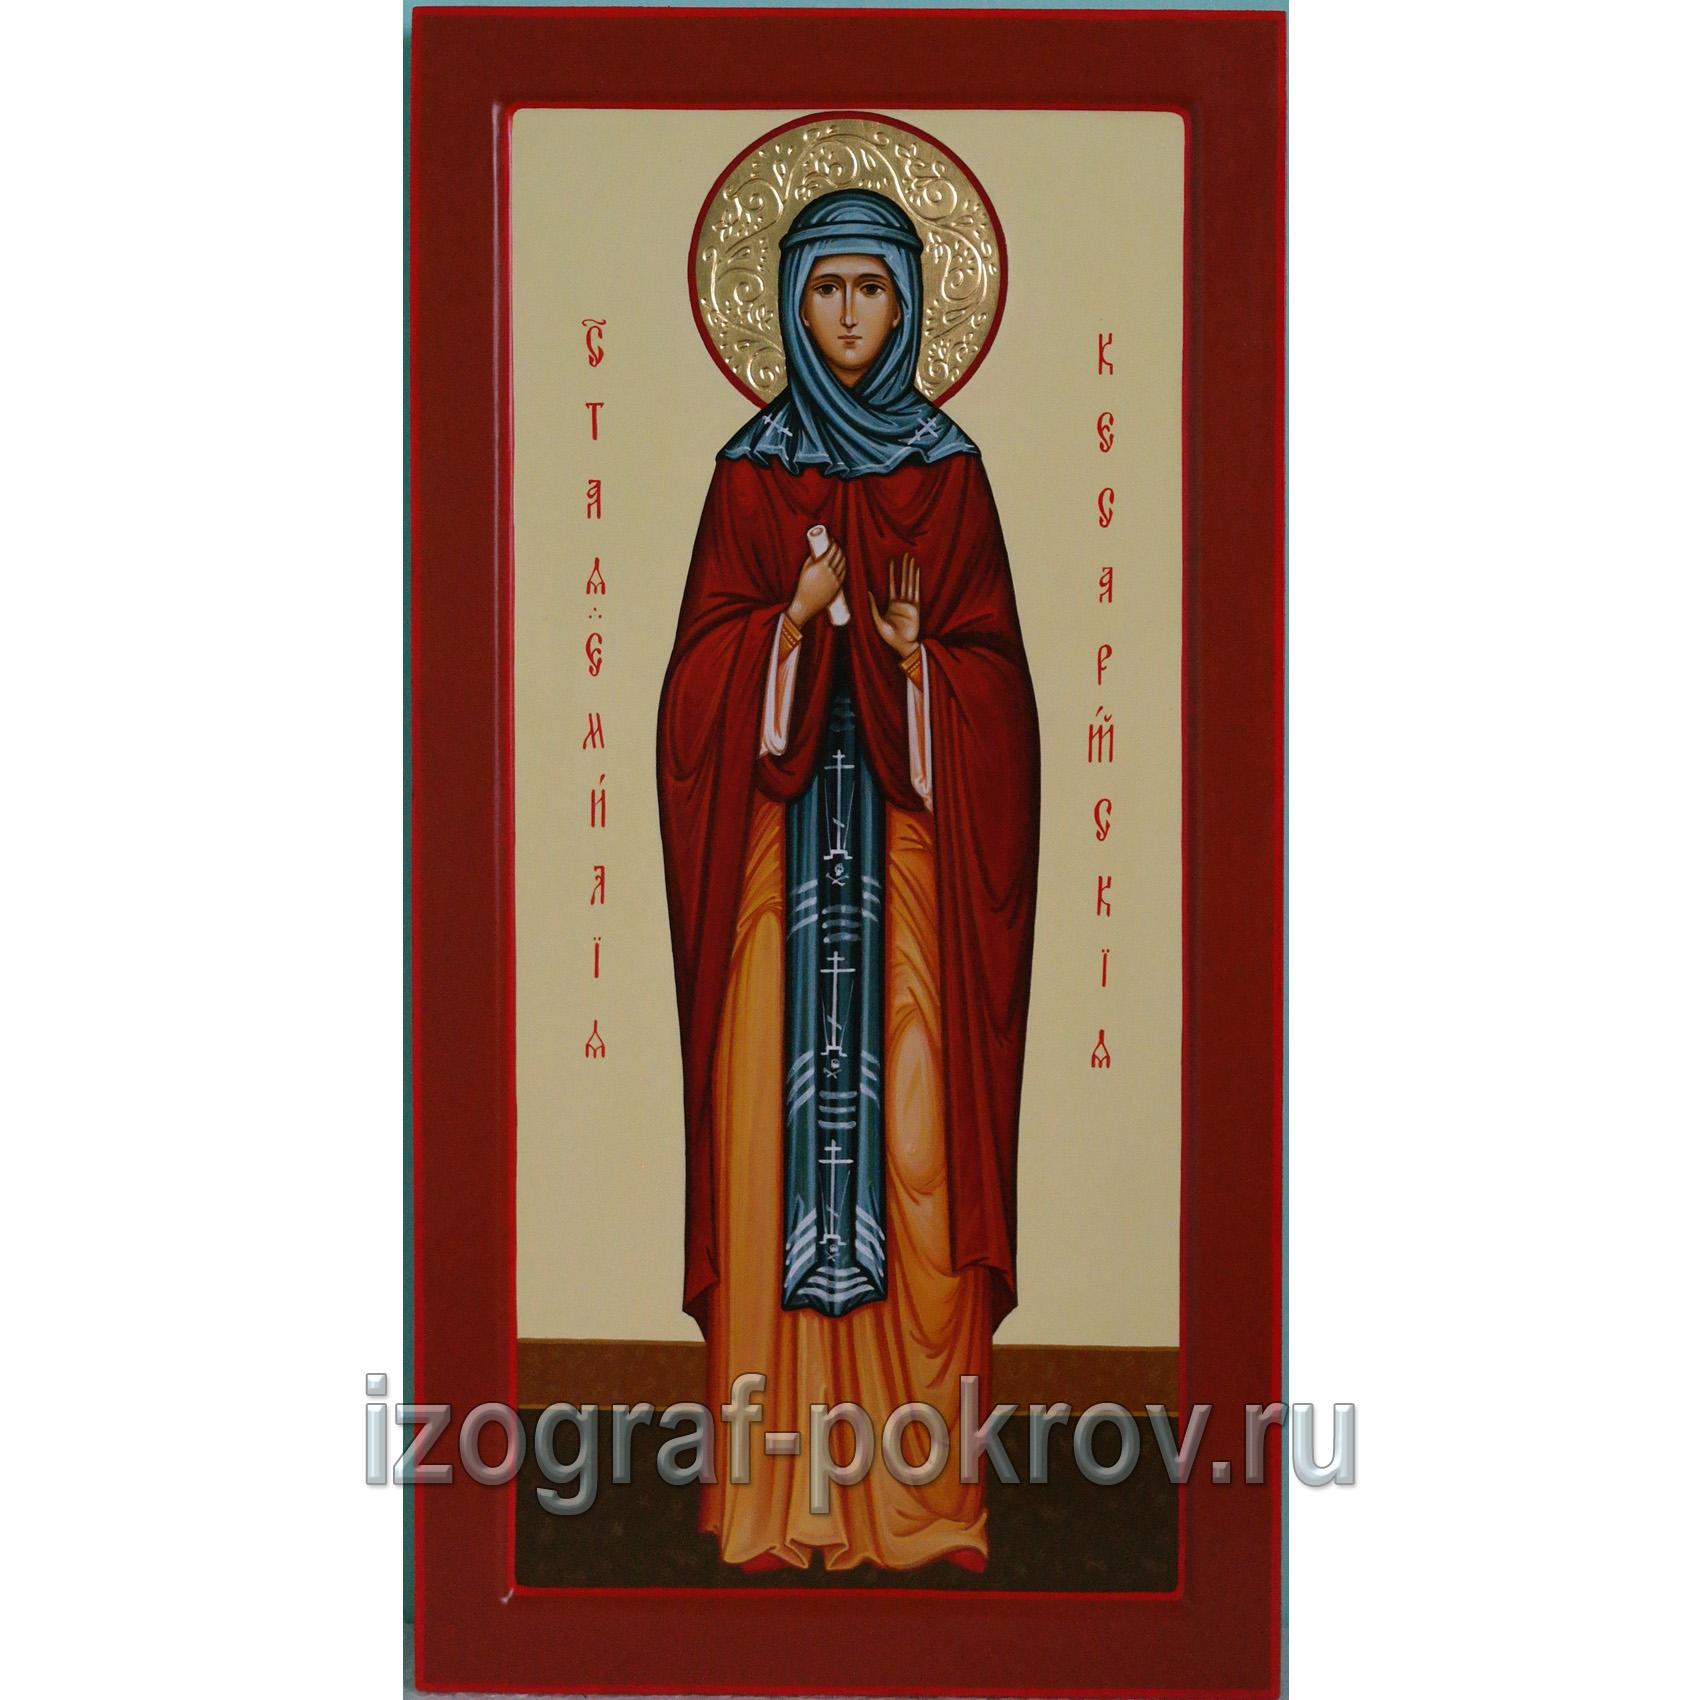 Мерная икона Емилия Кесарийская Каппадокийская. Заказать